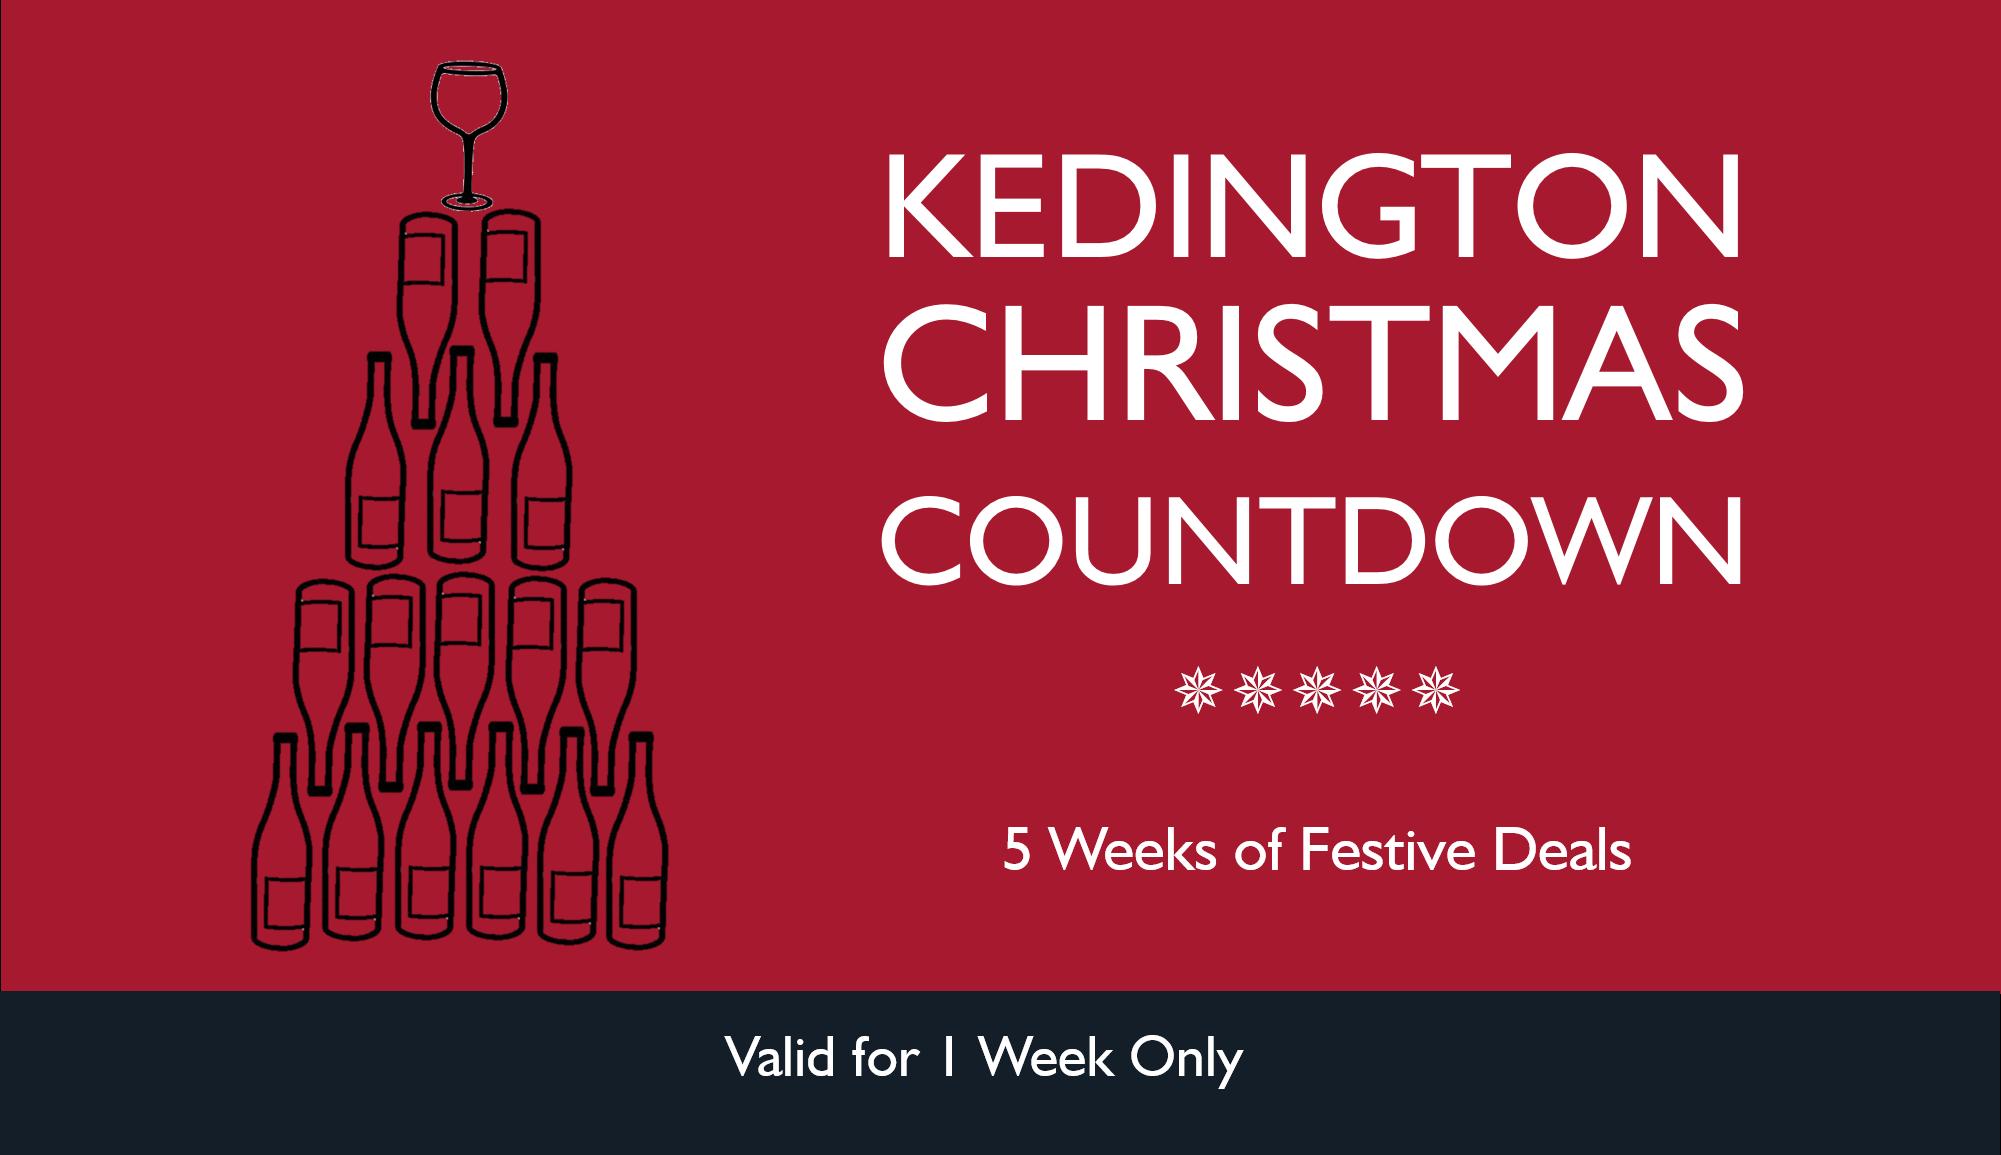 the kedington christmas countdown